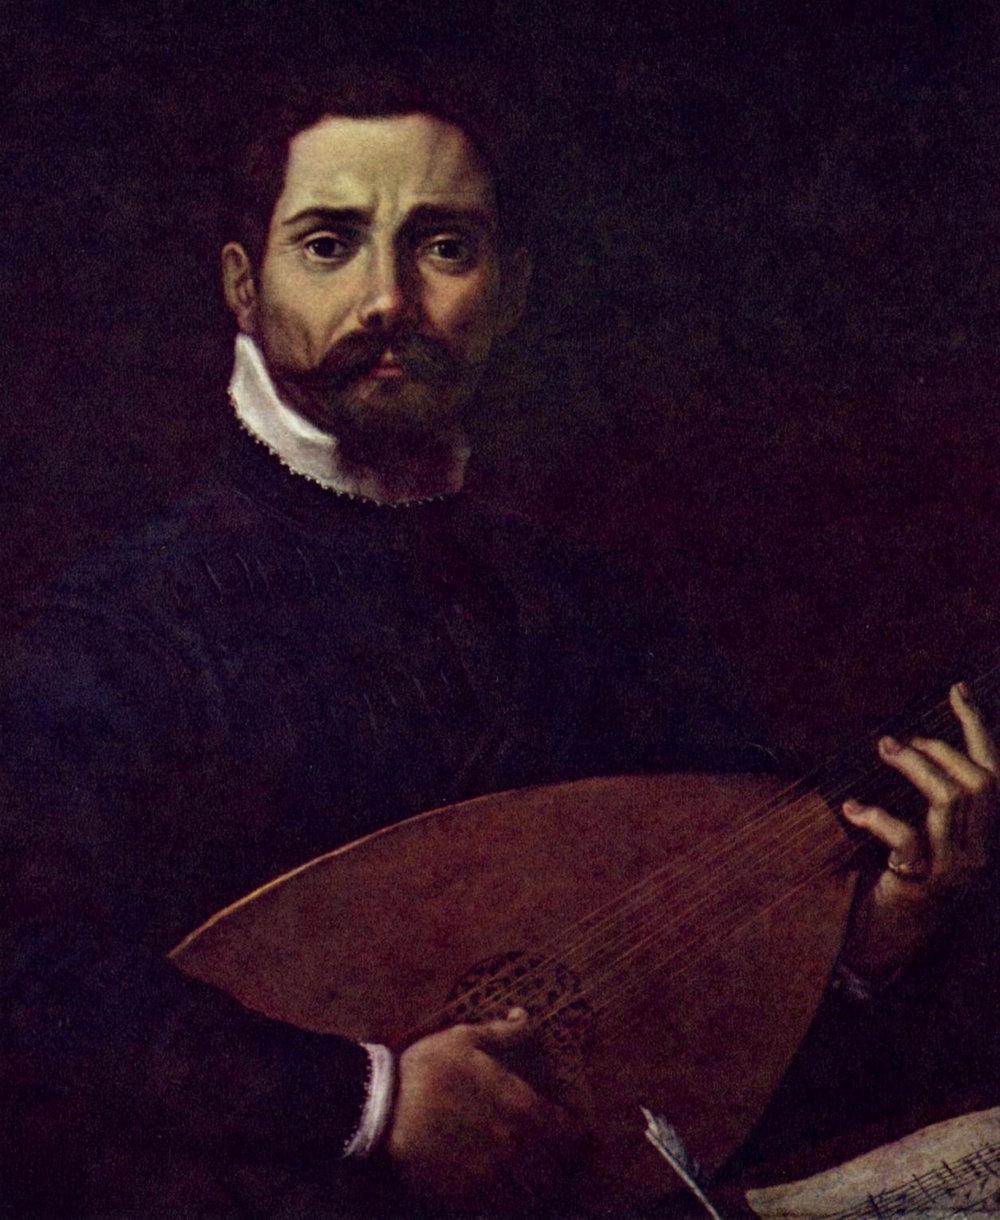 Master Italian composer Giovanni Gabrieli, with lute